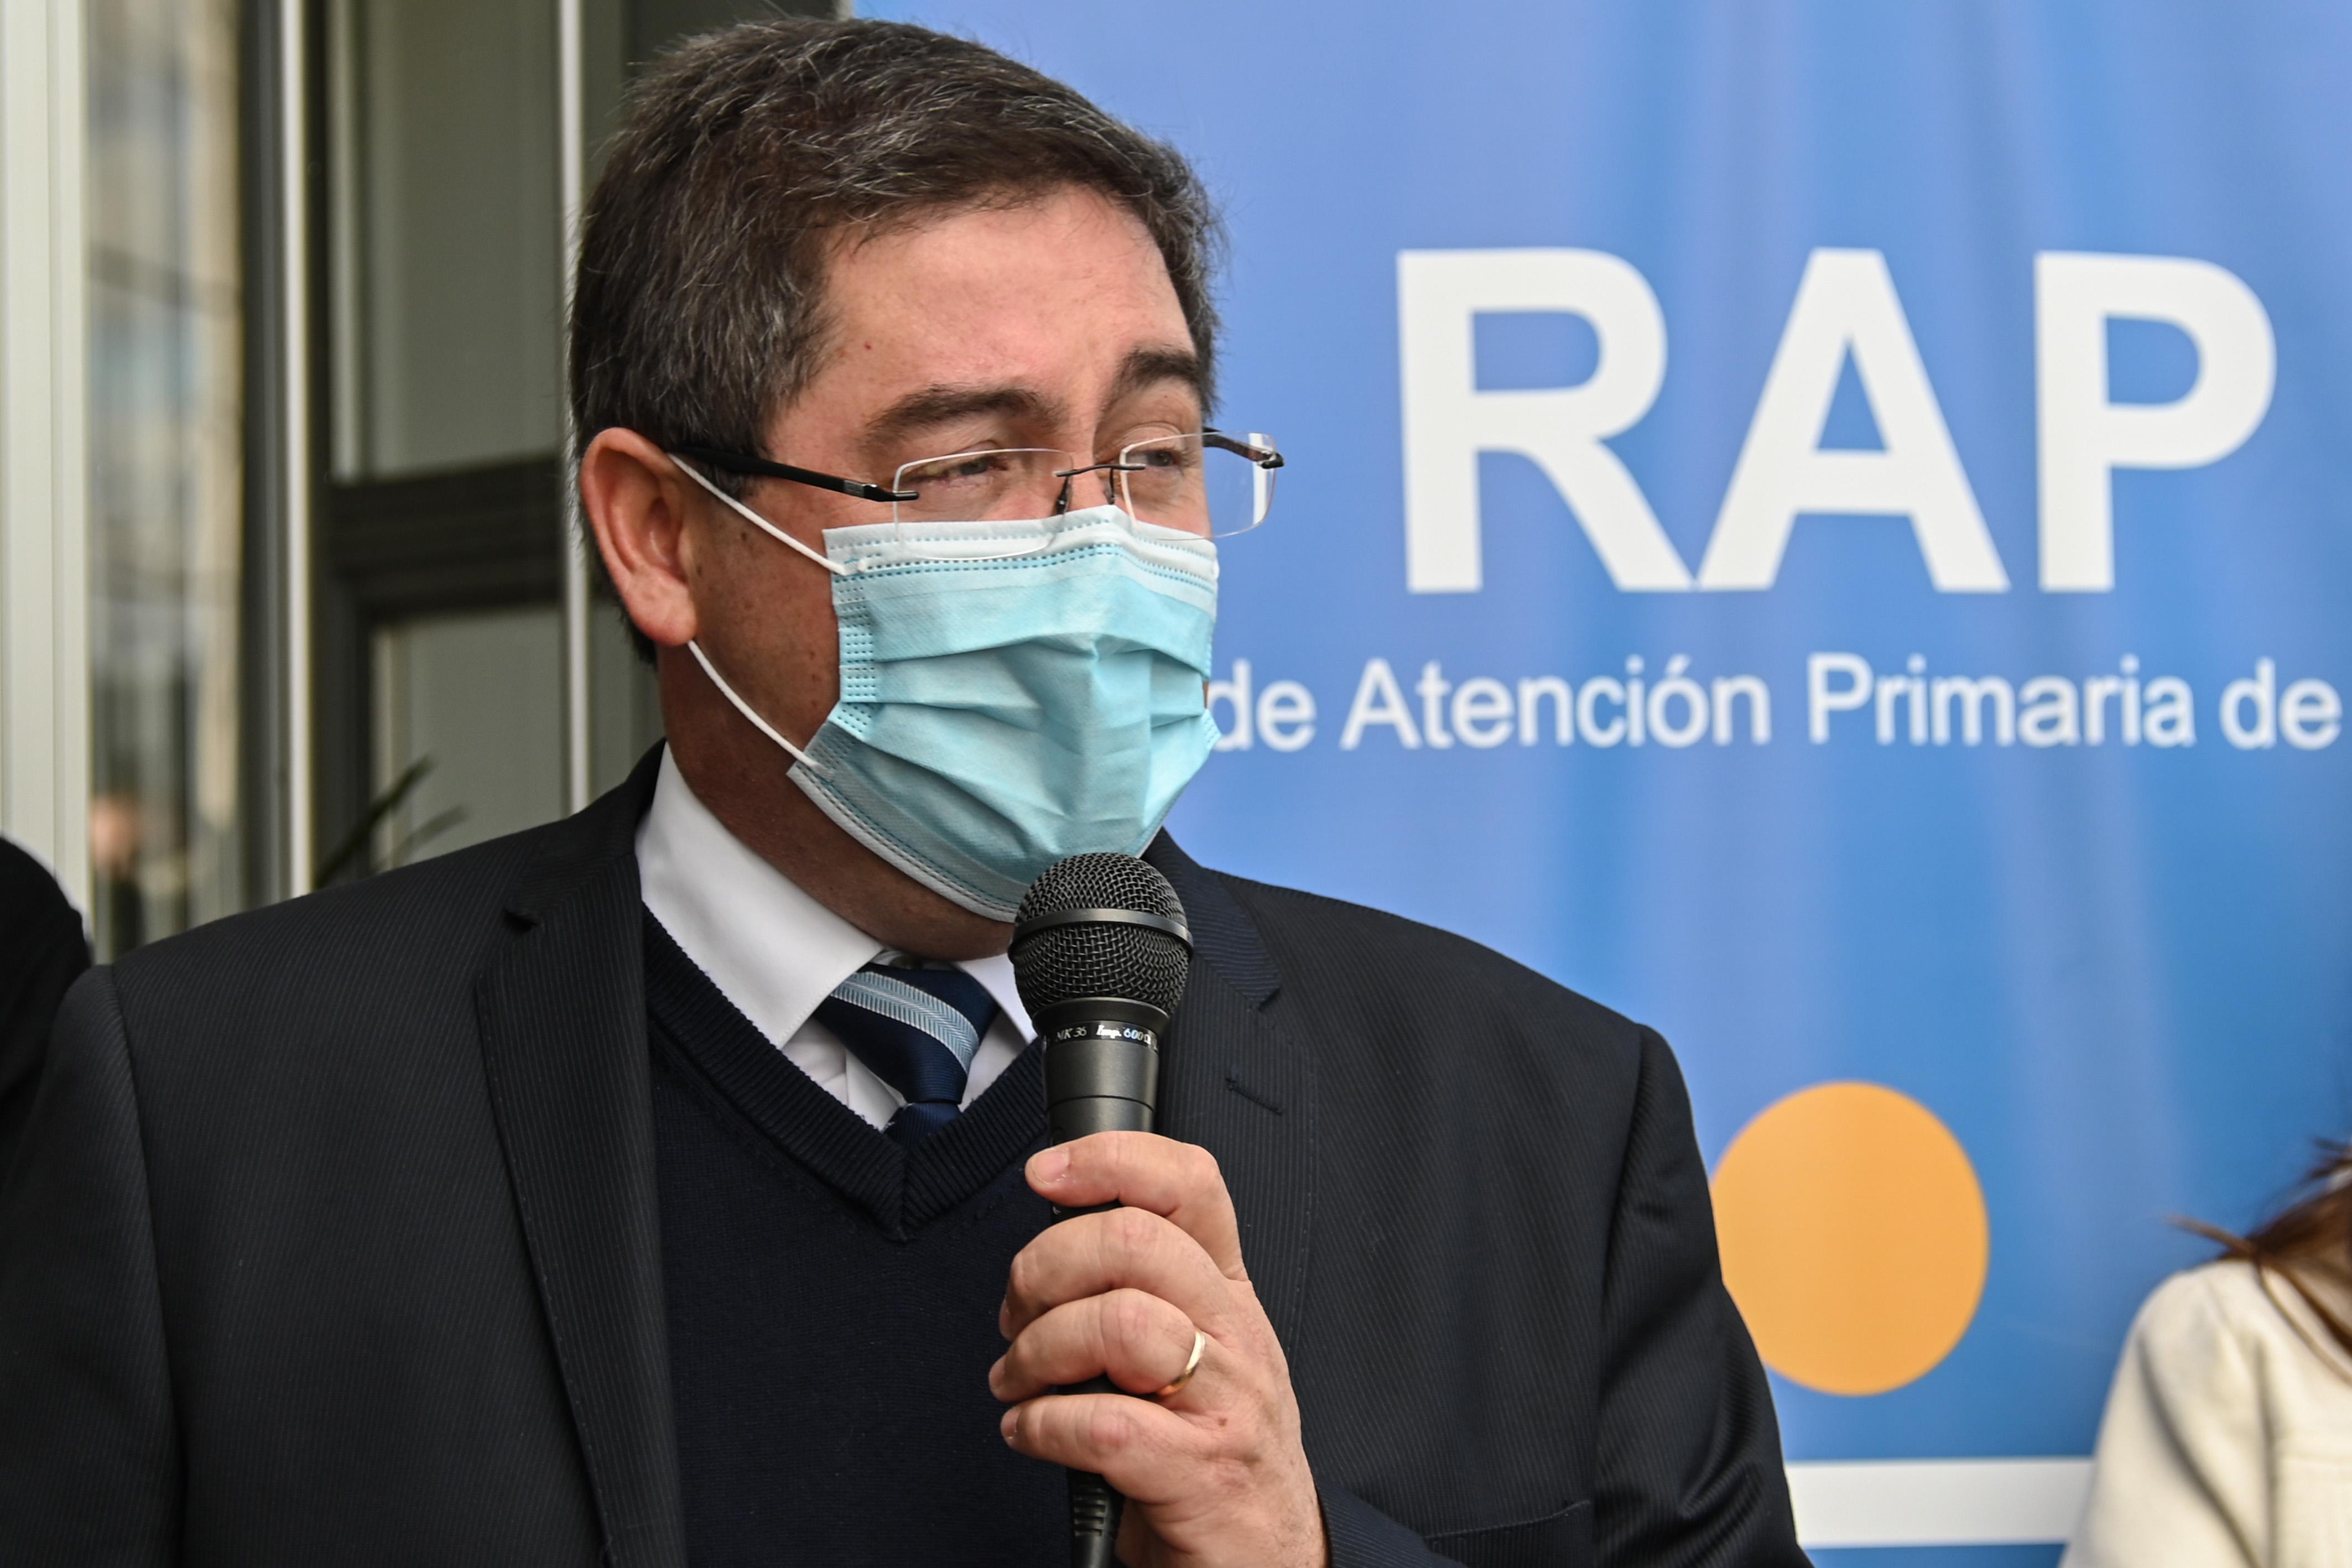 Presidente de la Administración de los Servicios de Salud del Estado, Leonardo Cipriani